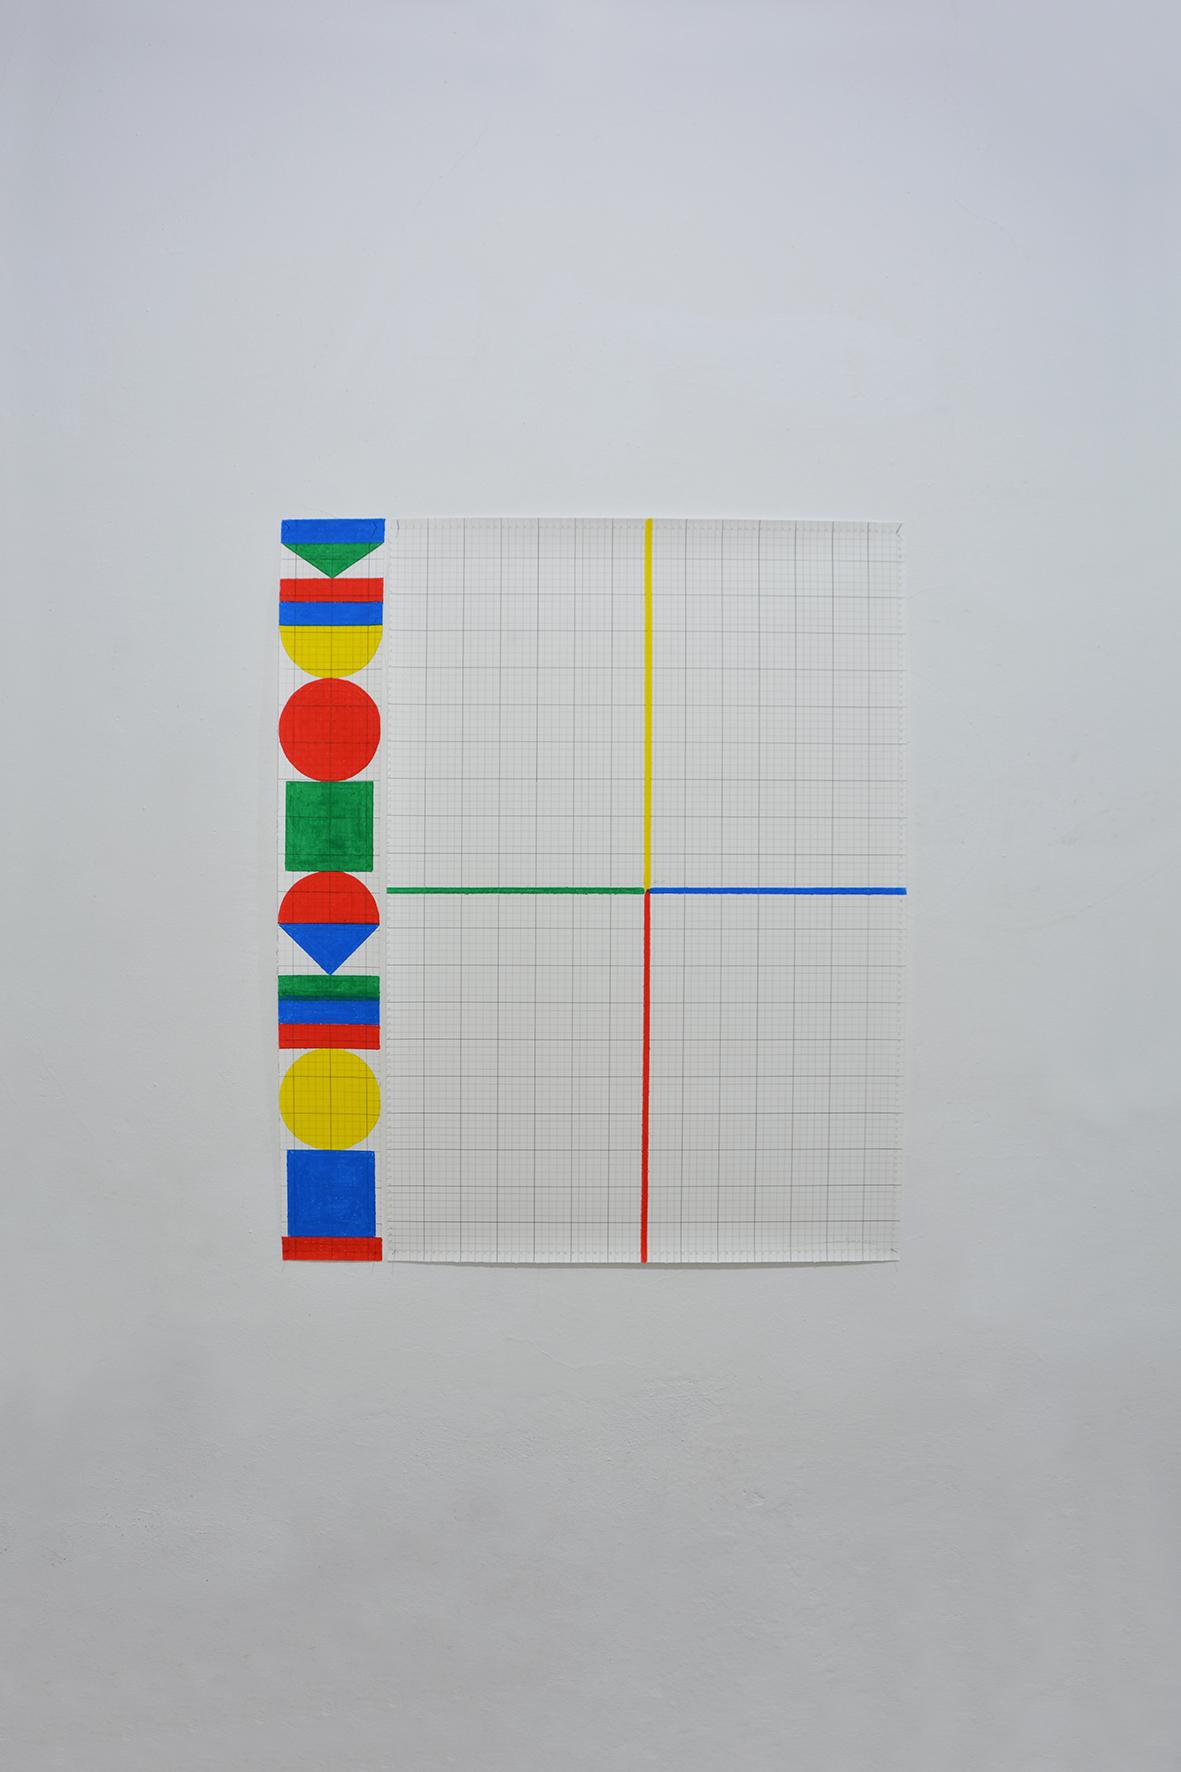 Totem and measurement basis (2020) - Miguel Ángel Cardenal López